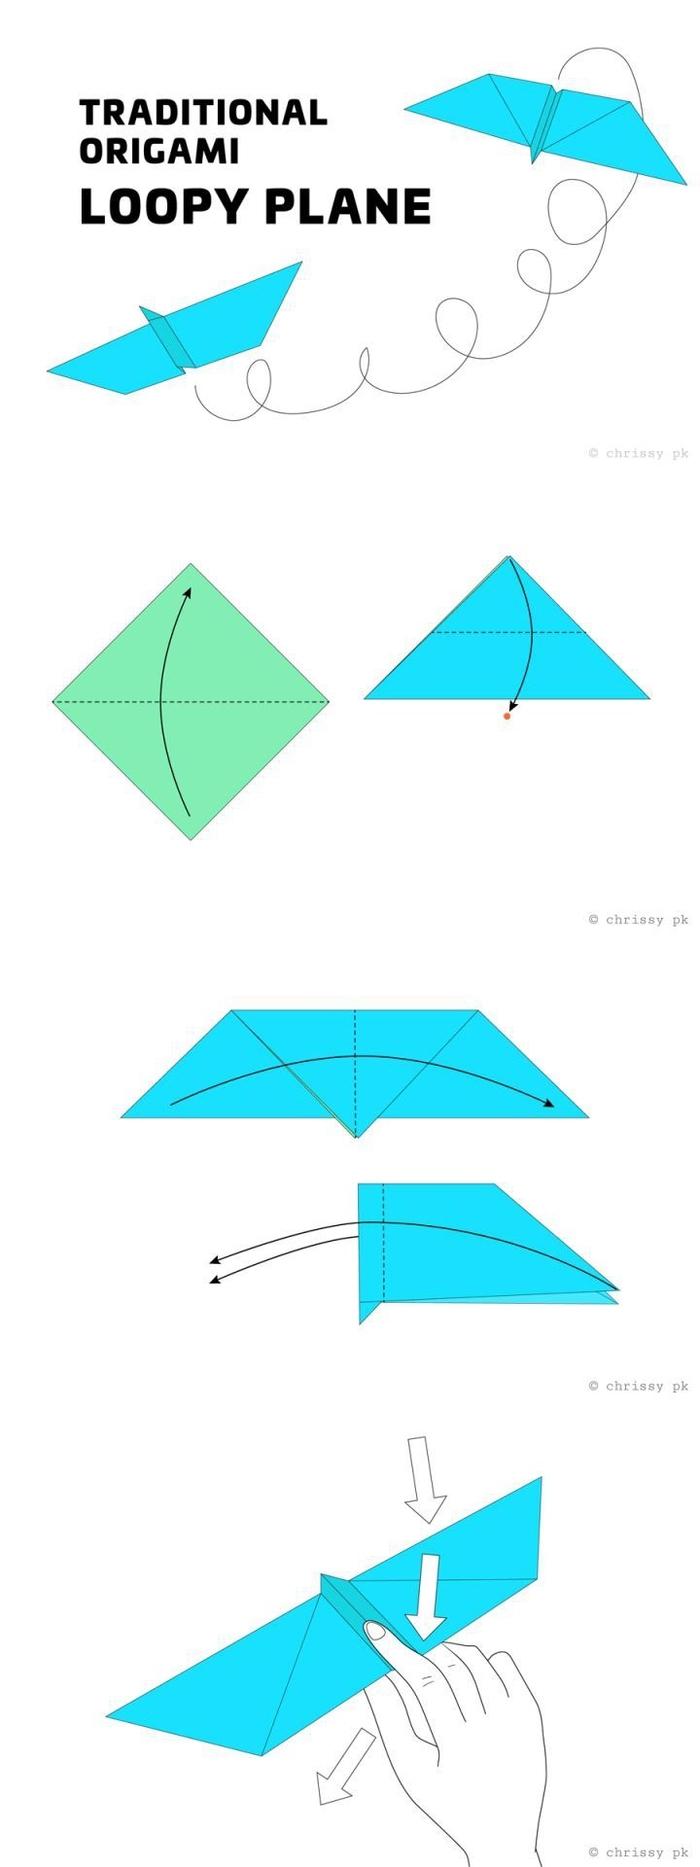 comment fabriquer un avion en papier à design origami traditionnel qui fait des loopings, tuto pour débuter bien dans le pliage papier origami